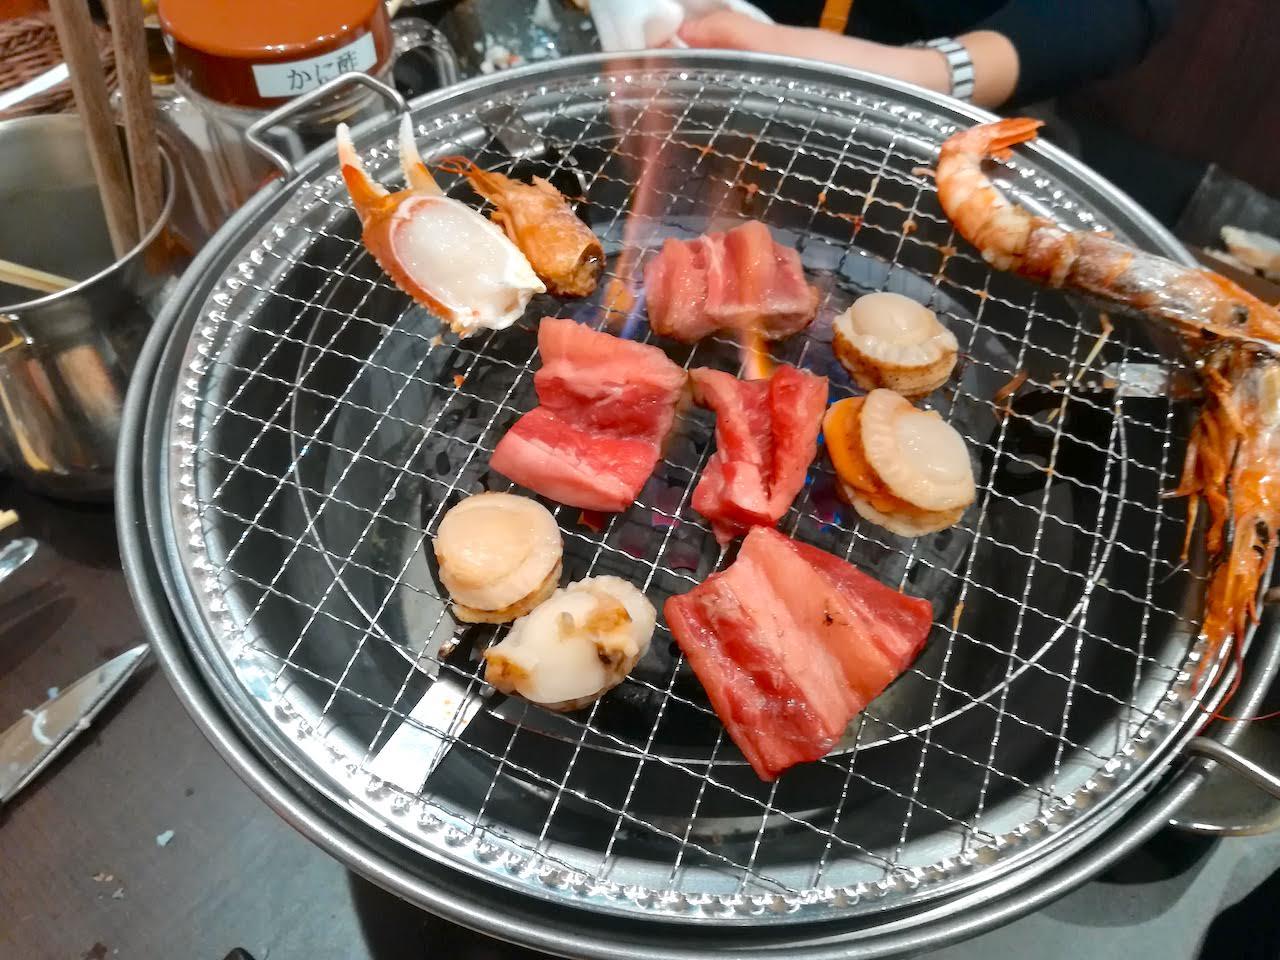 http://dinner.tokyo-review.com/images/IMG_20181013_125254.jpg